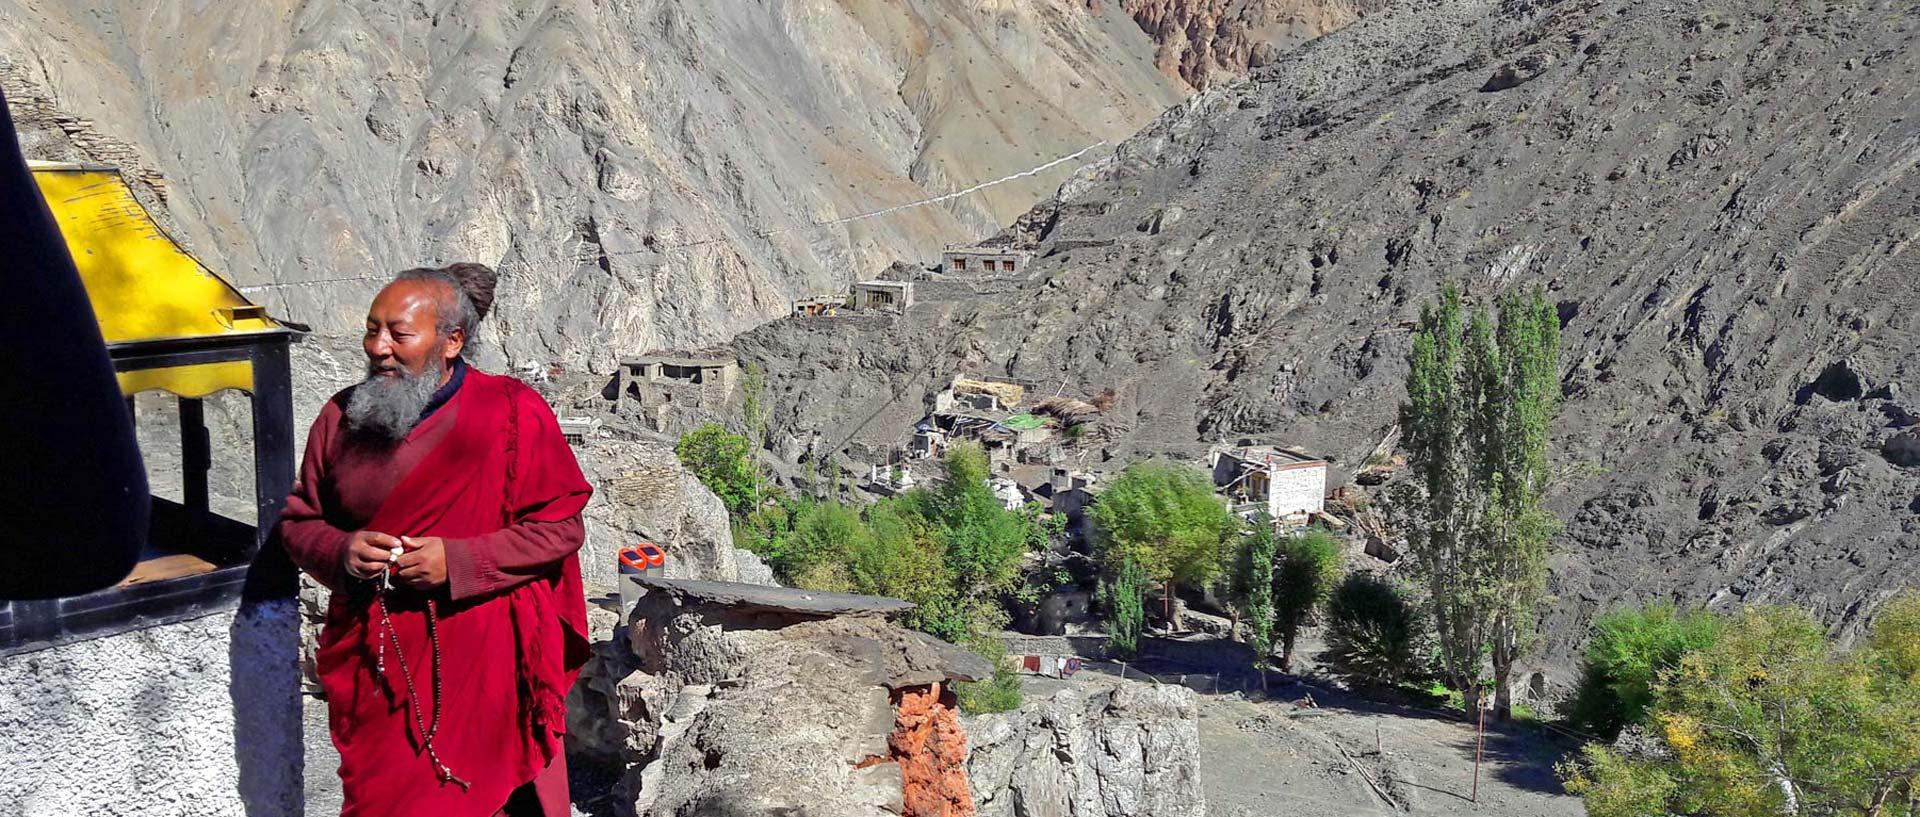 Maitre spirituel, Ladakh